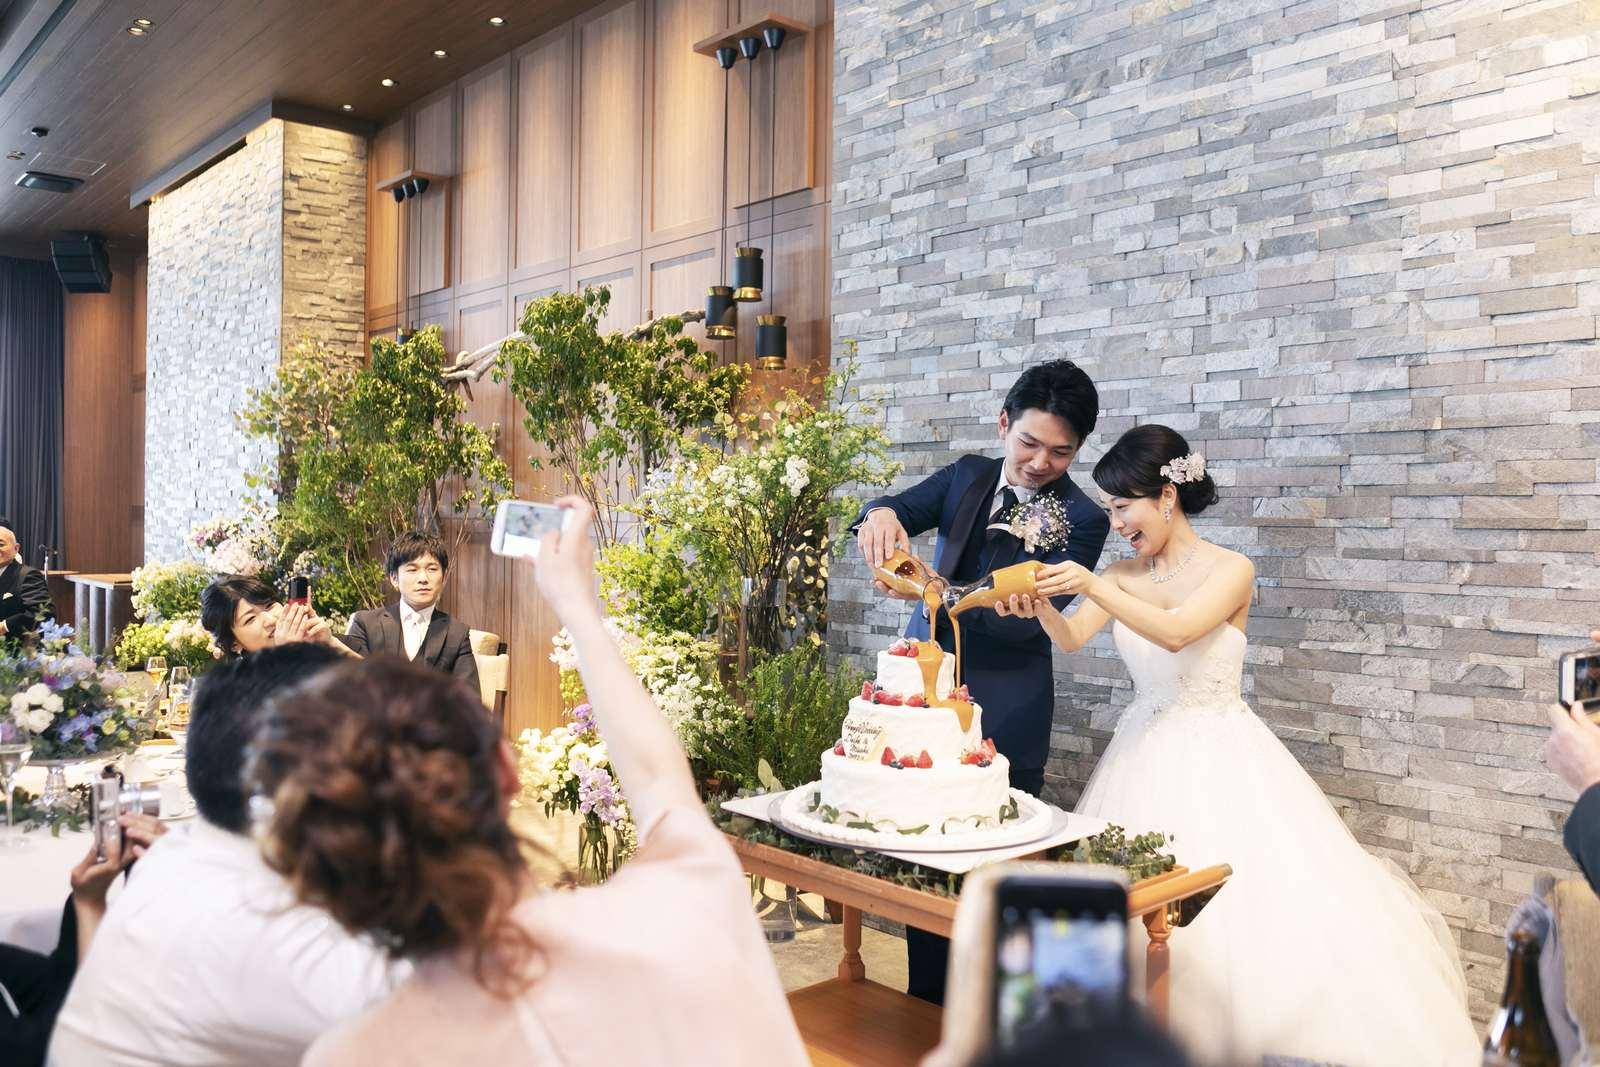 香川県高松市の結婚式場アナザースタイルでウエディングケーキにシロップをドリップする演出